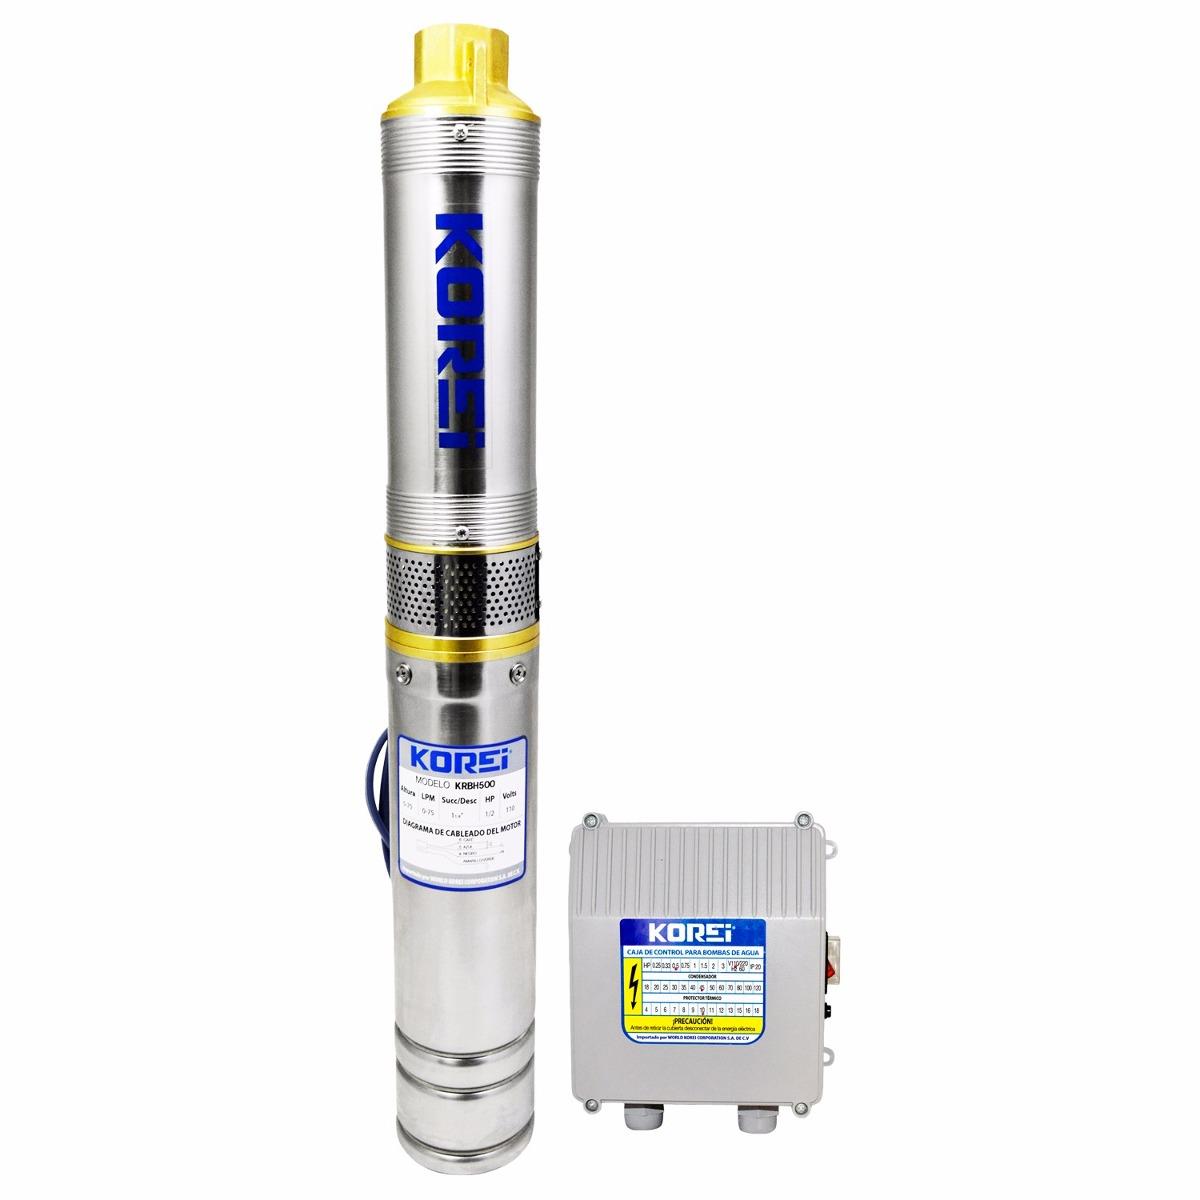 Bomba sumergible hyundai de 1 2 hp con cja de control - Bomba de agua sumergible ...